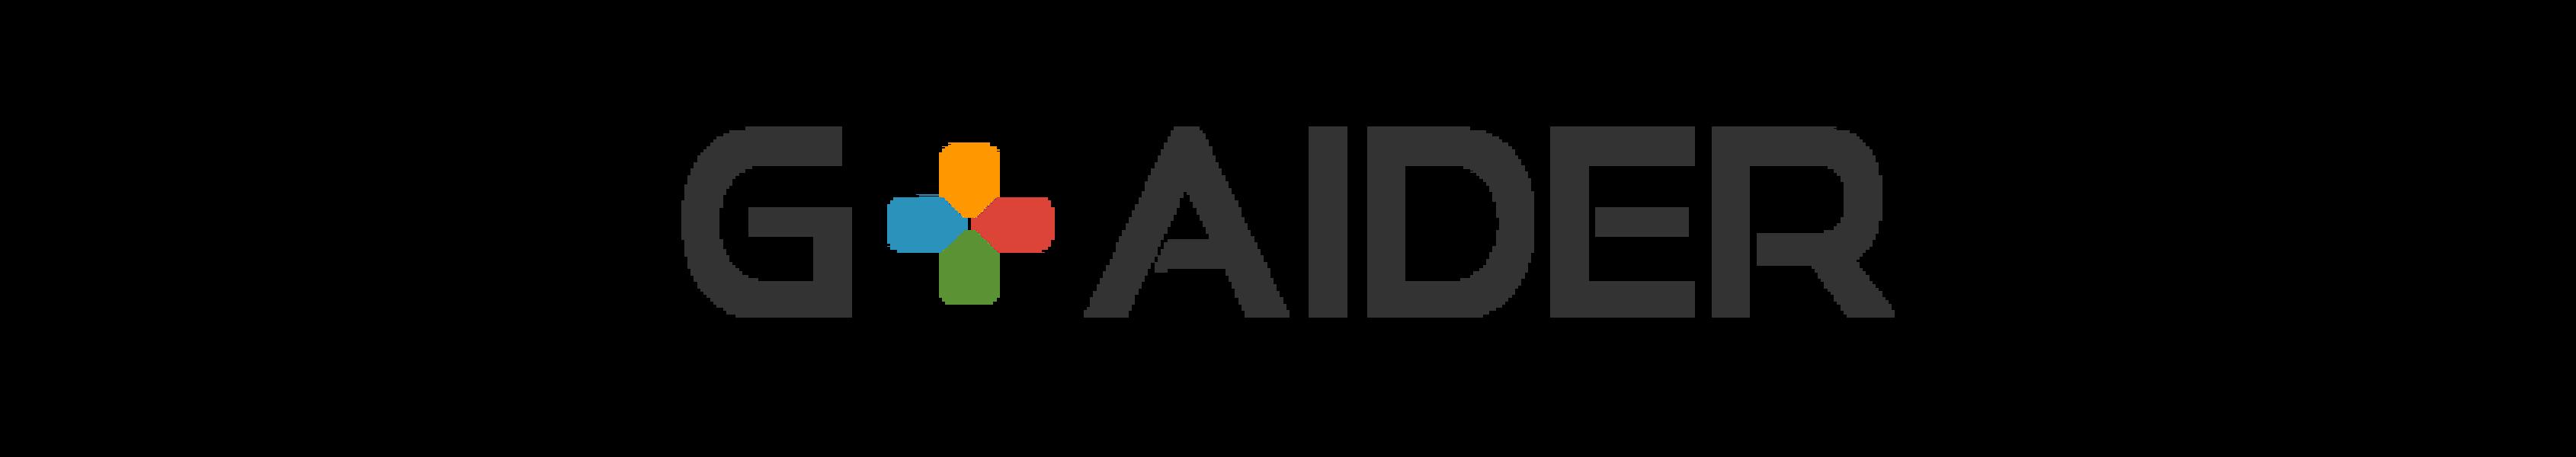 G+AIDER의 새로운 로고 발표